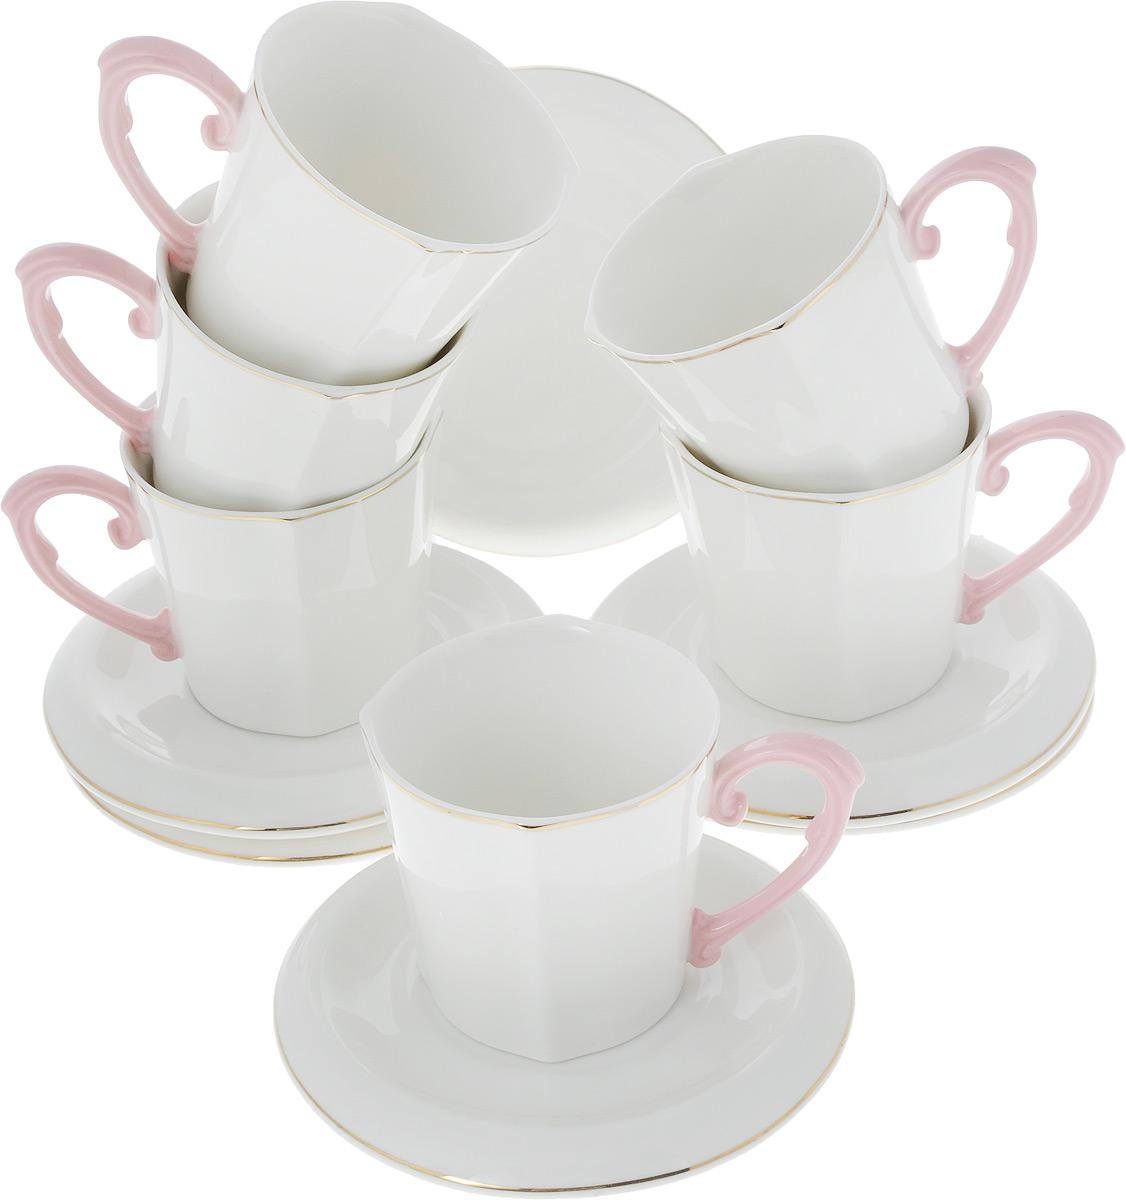 Сервиз чайный Loraine Нежность, 12 предметов. 26644 alex игровой набор посуды чайный сервиз весна 16 предметов